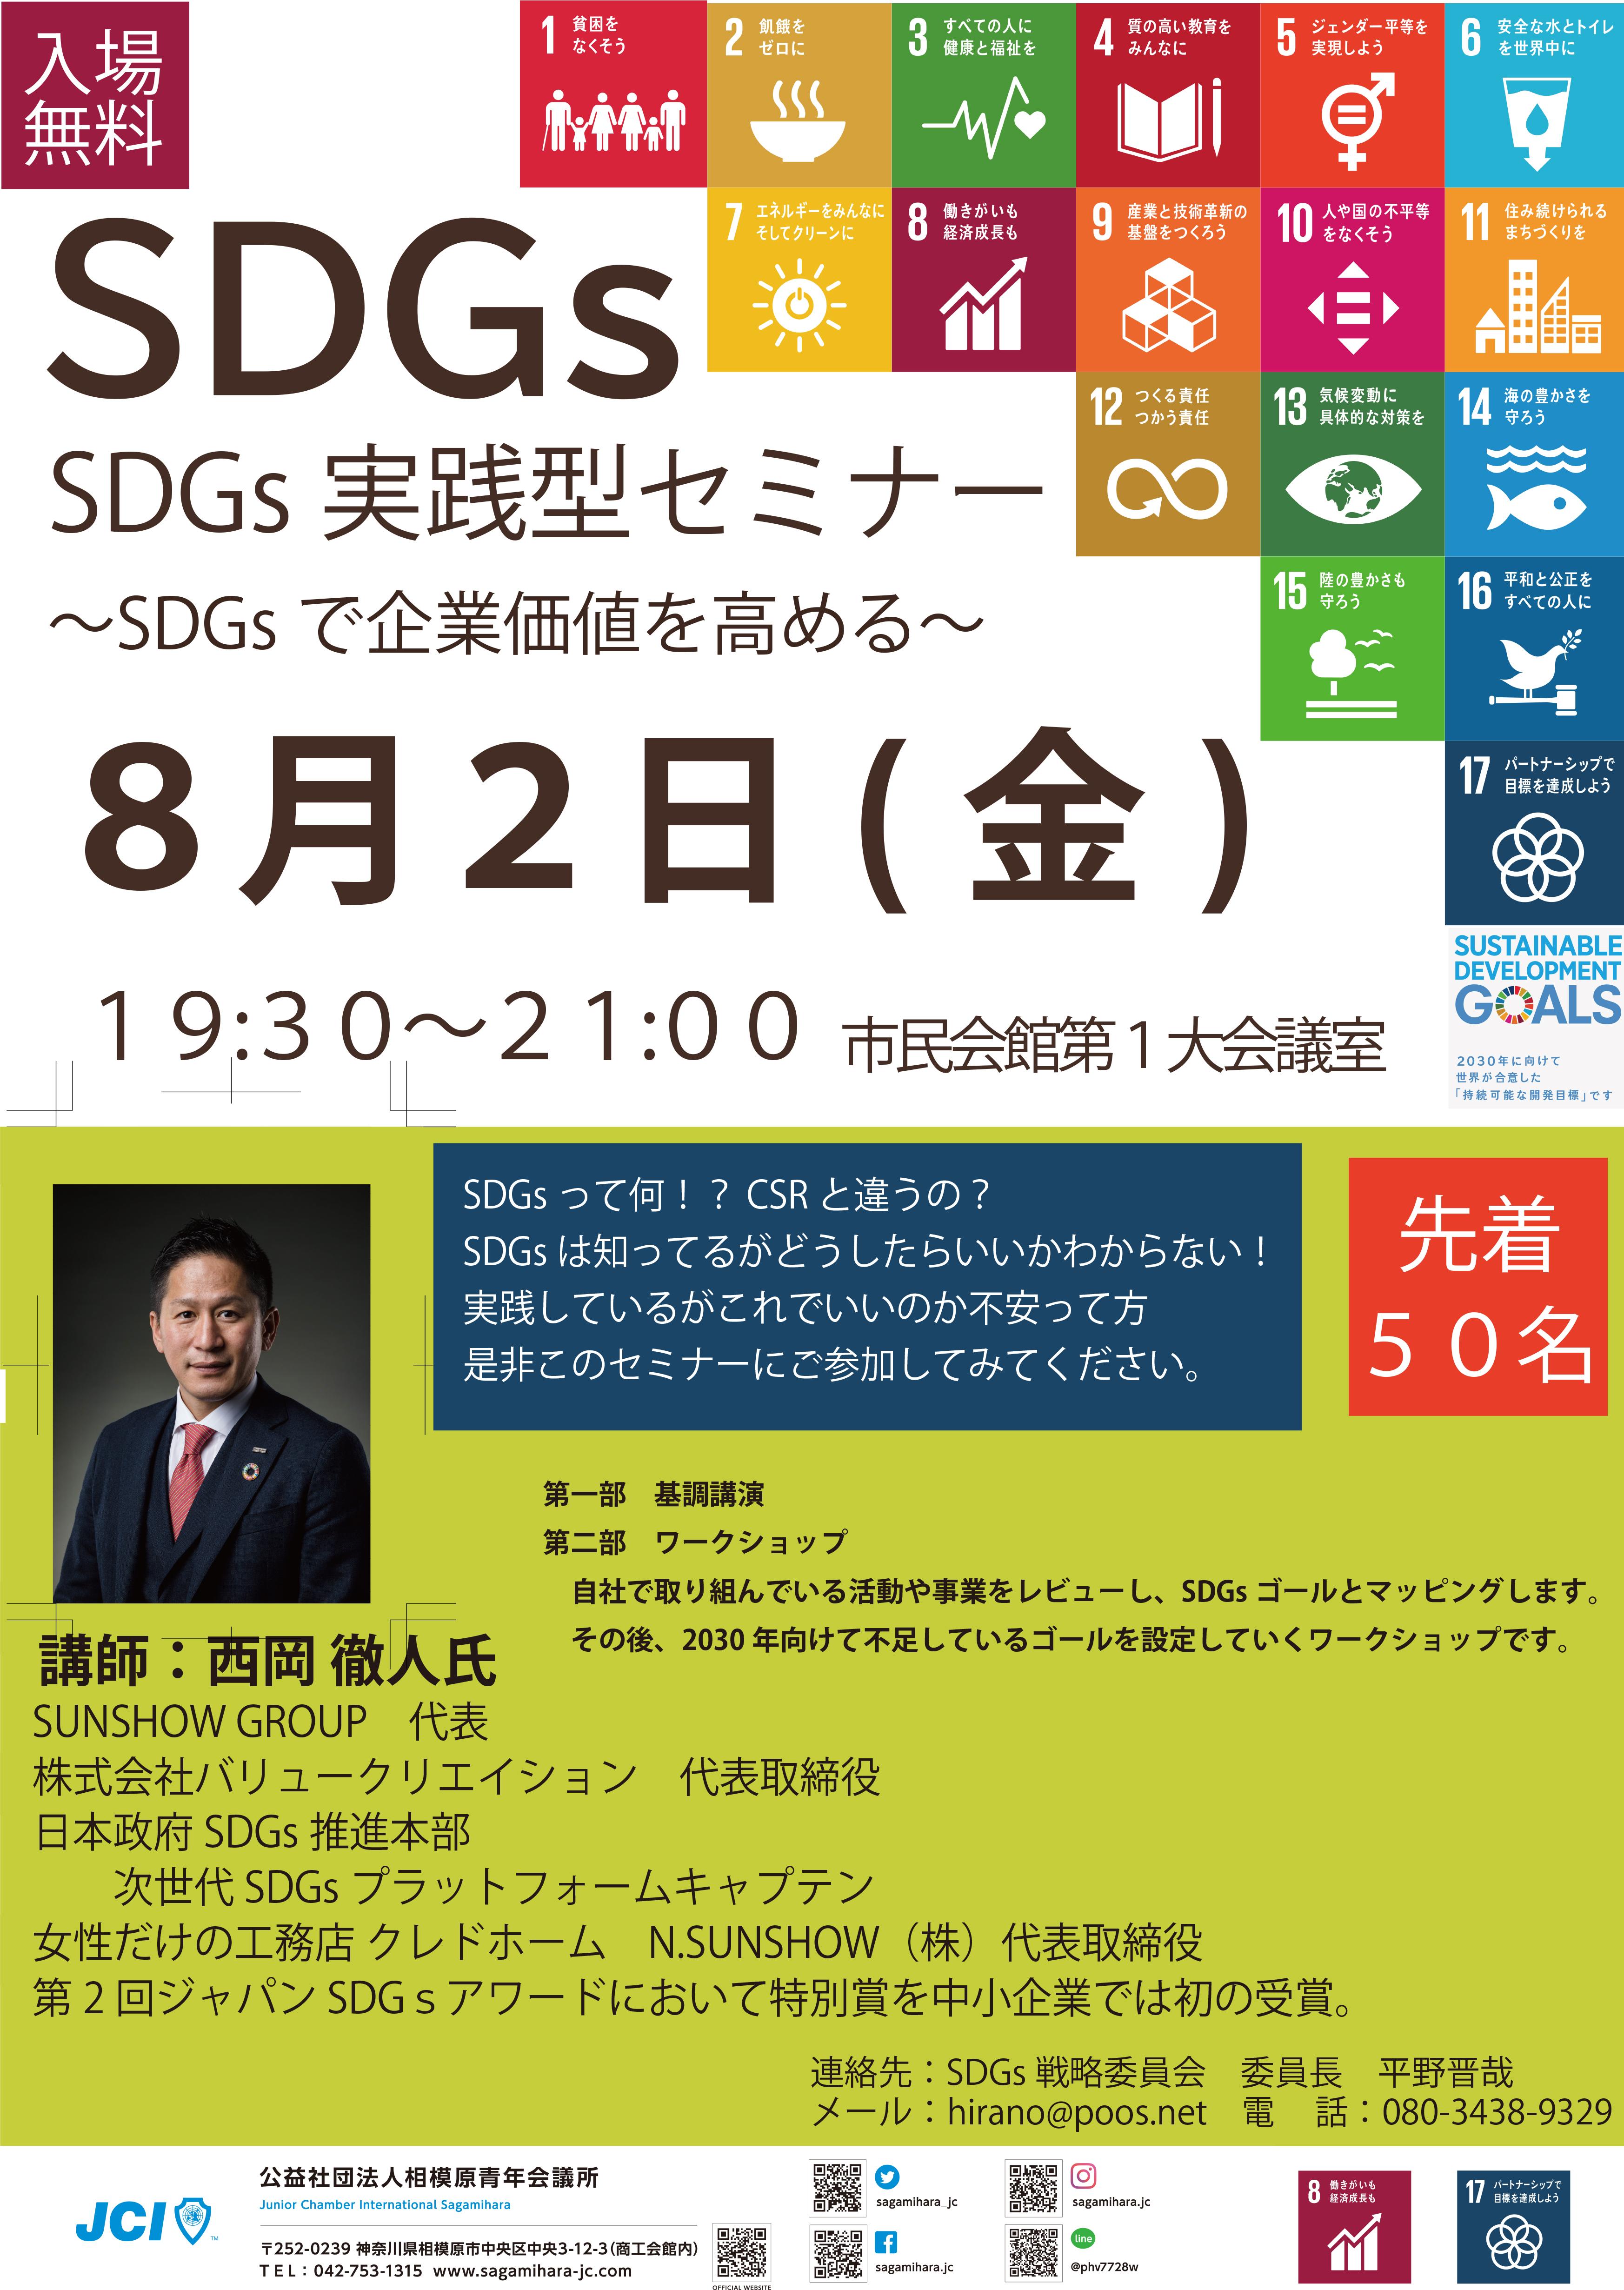 第3回SDGsセミナー開催の案内